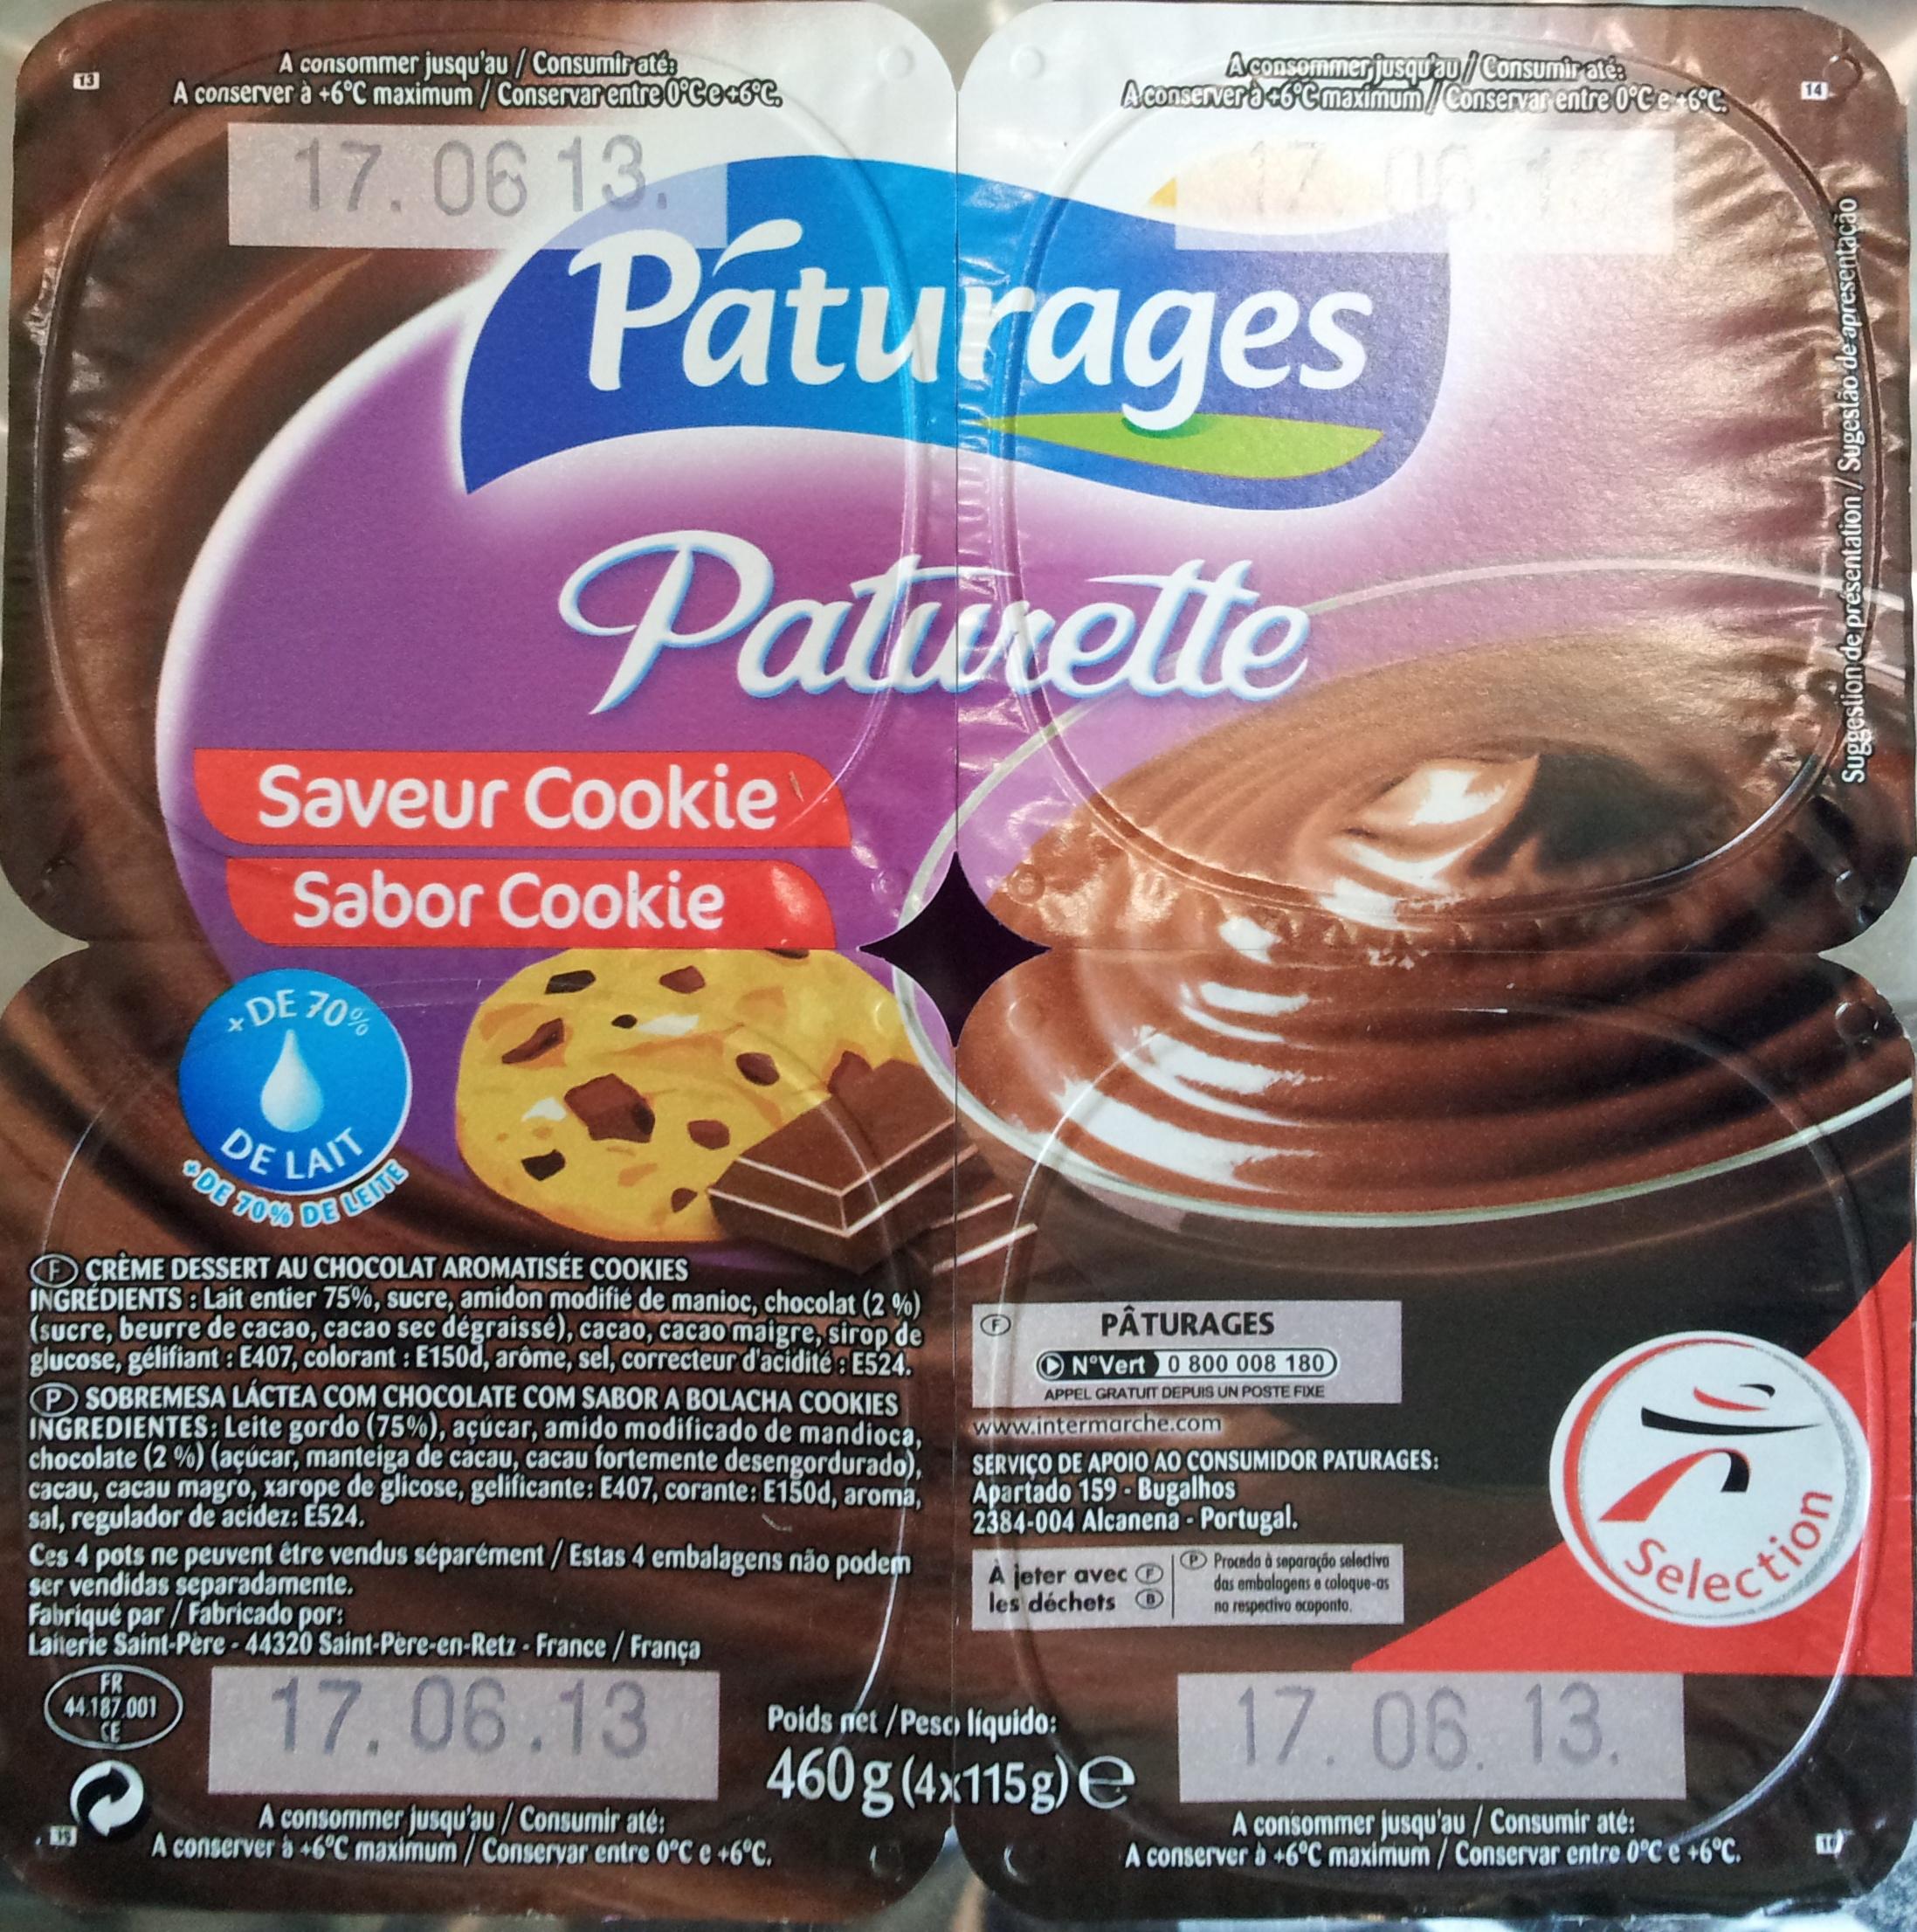 Paturette Saveur Cookie - Product - fr